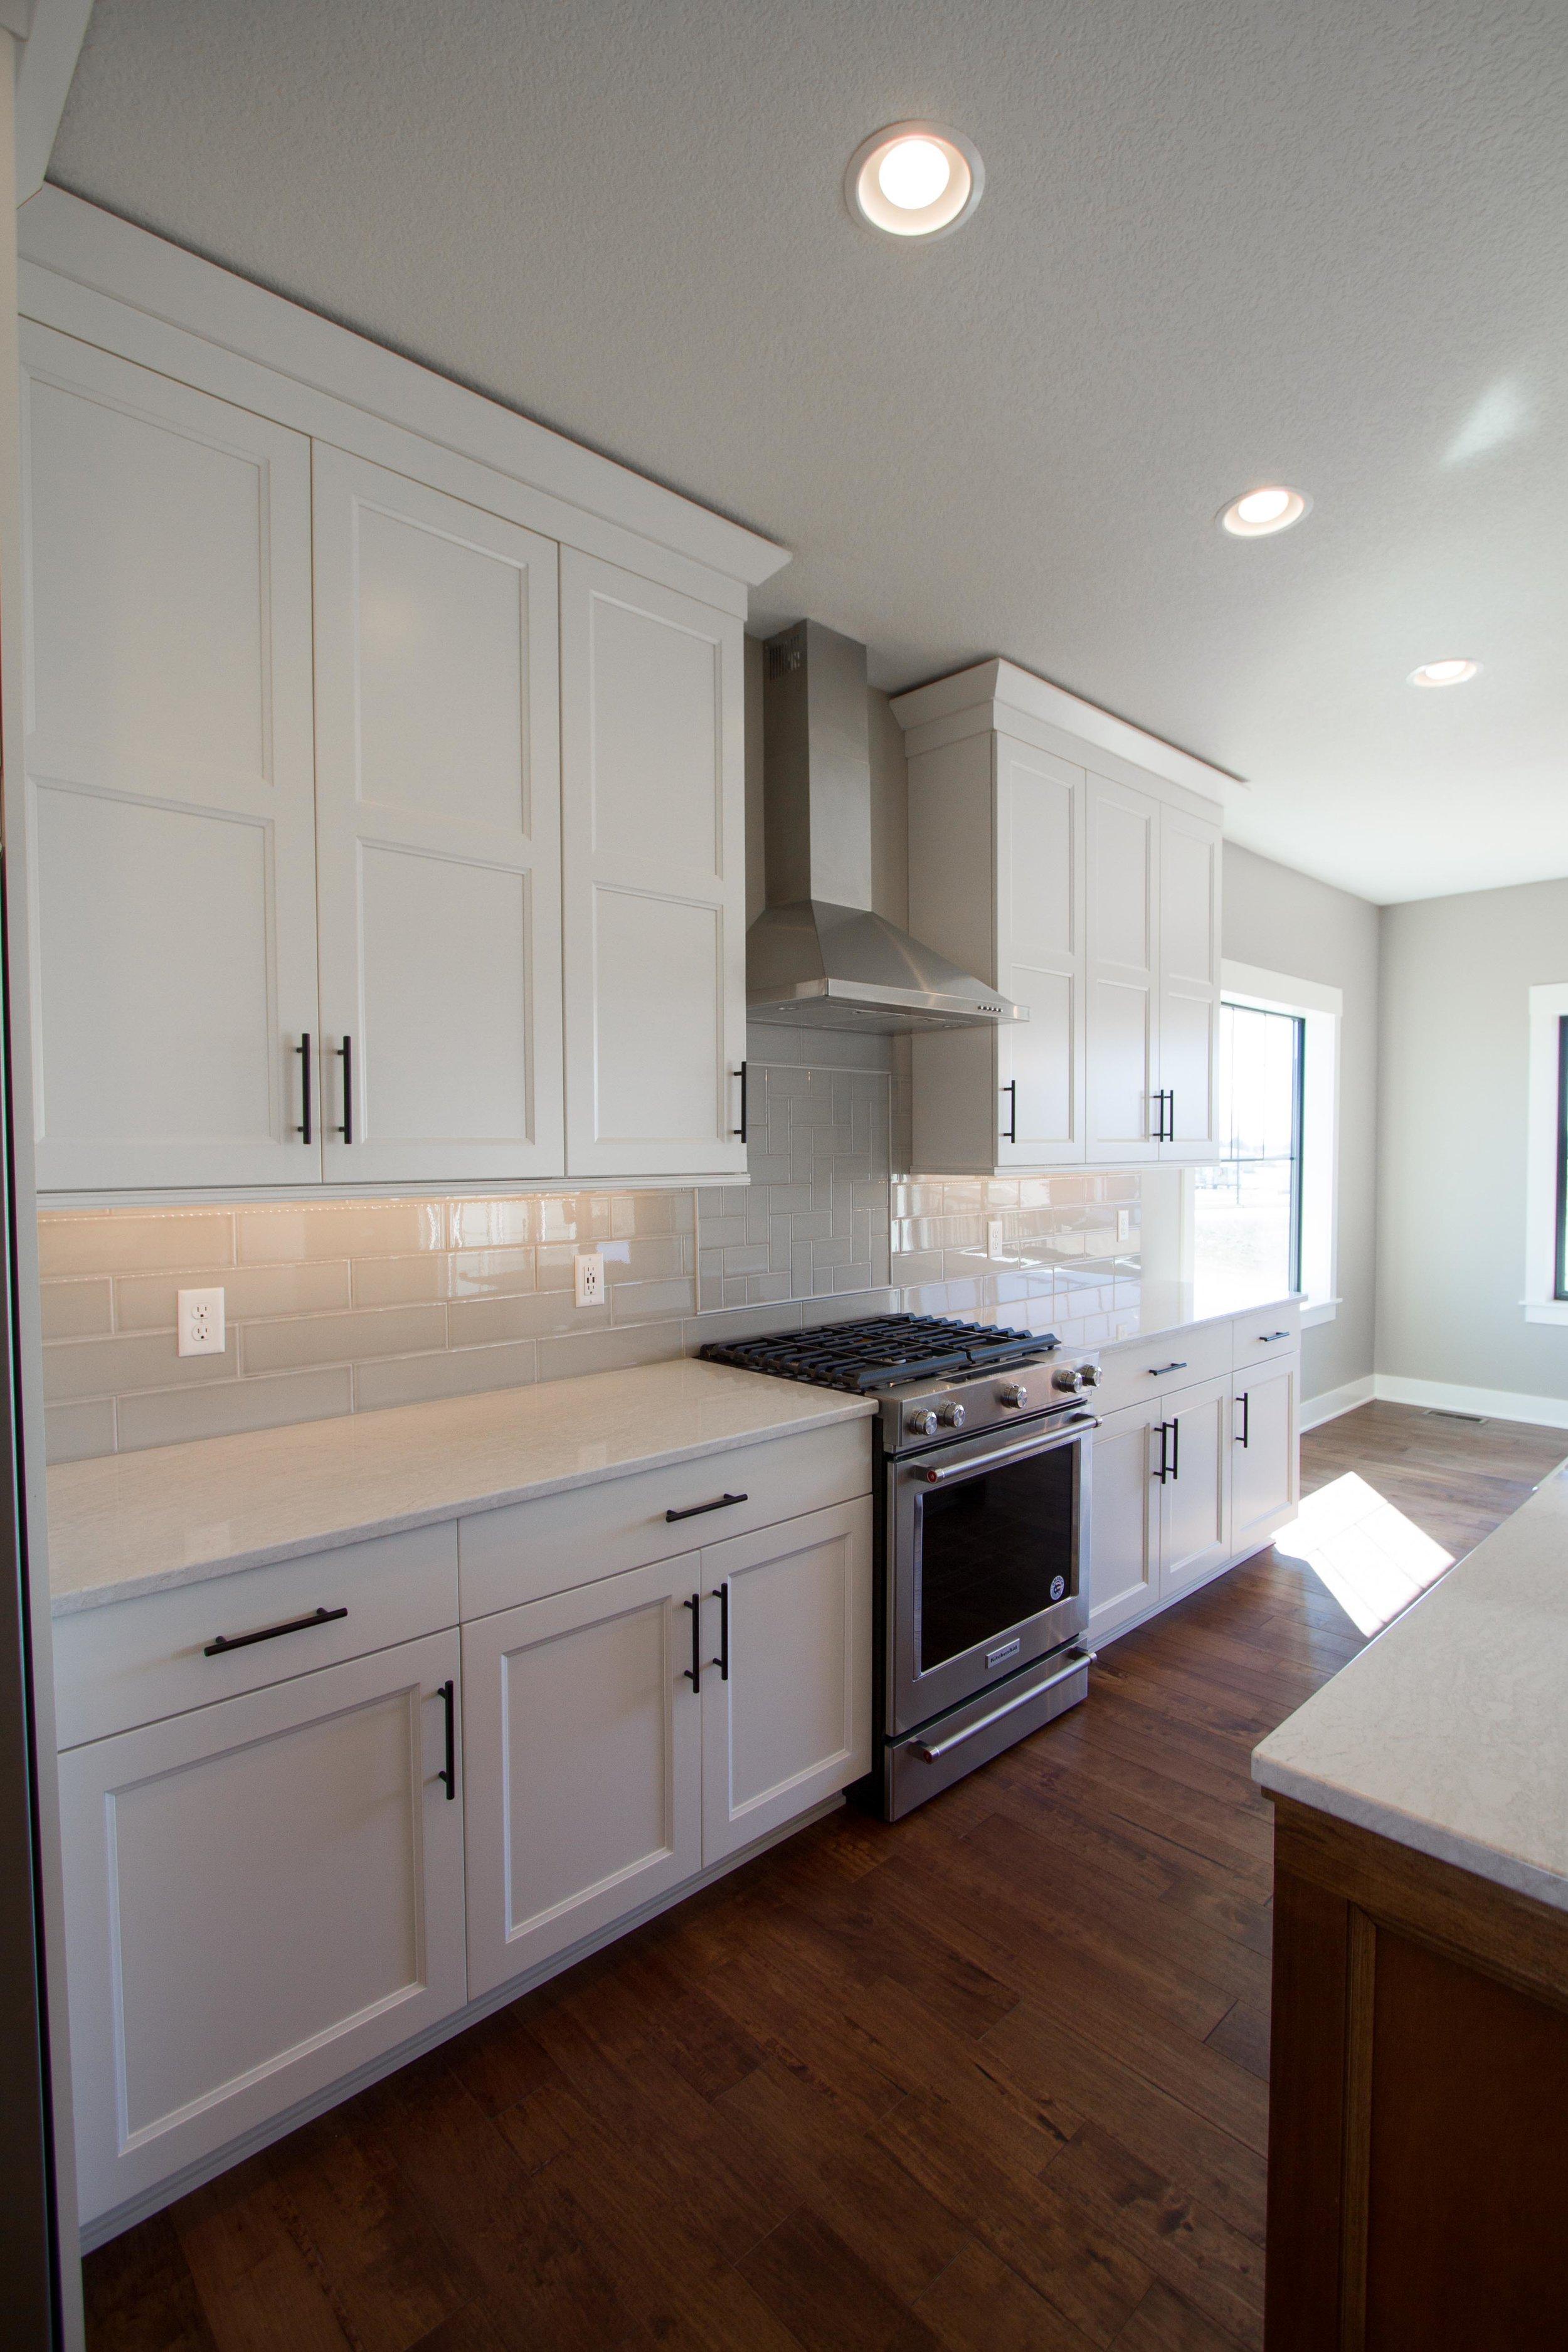 Next_Step_Homes-Kitchen-11.jpg